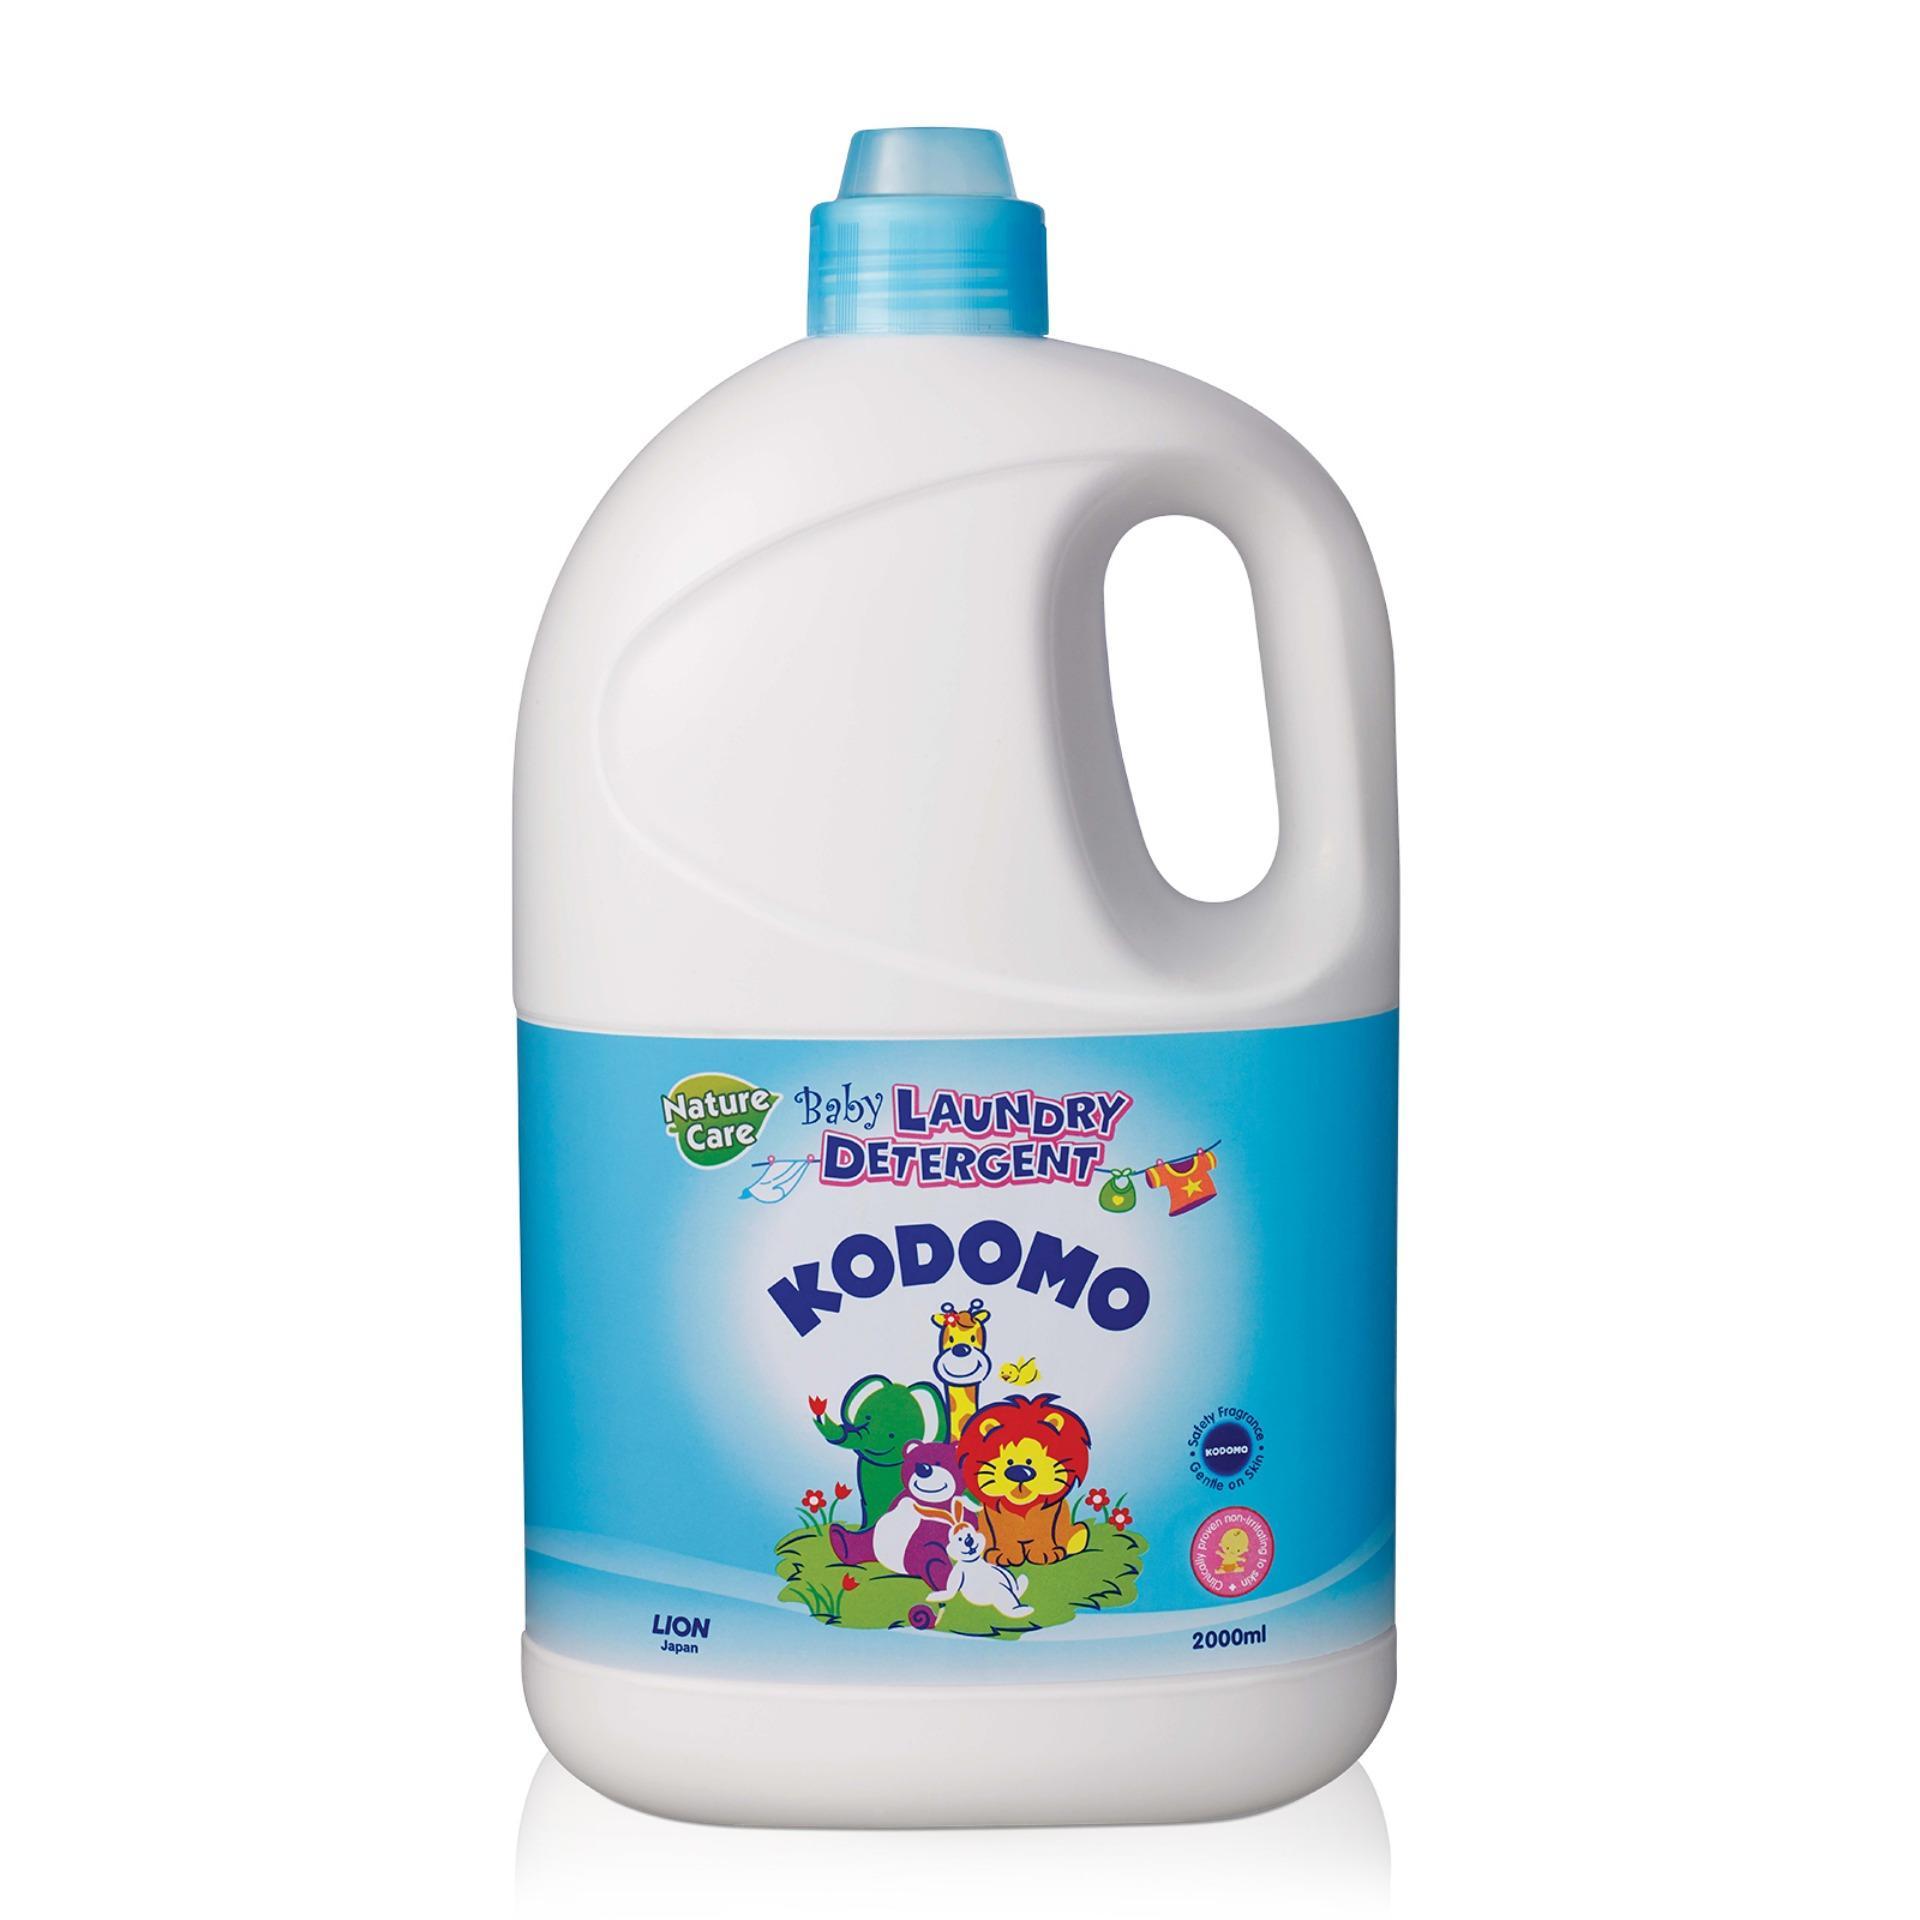 Купить Жидкое средство для стирки для детского белья, бутылка, 2 л, Lion Kodomo